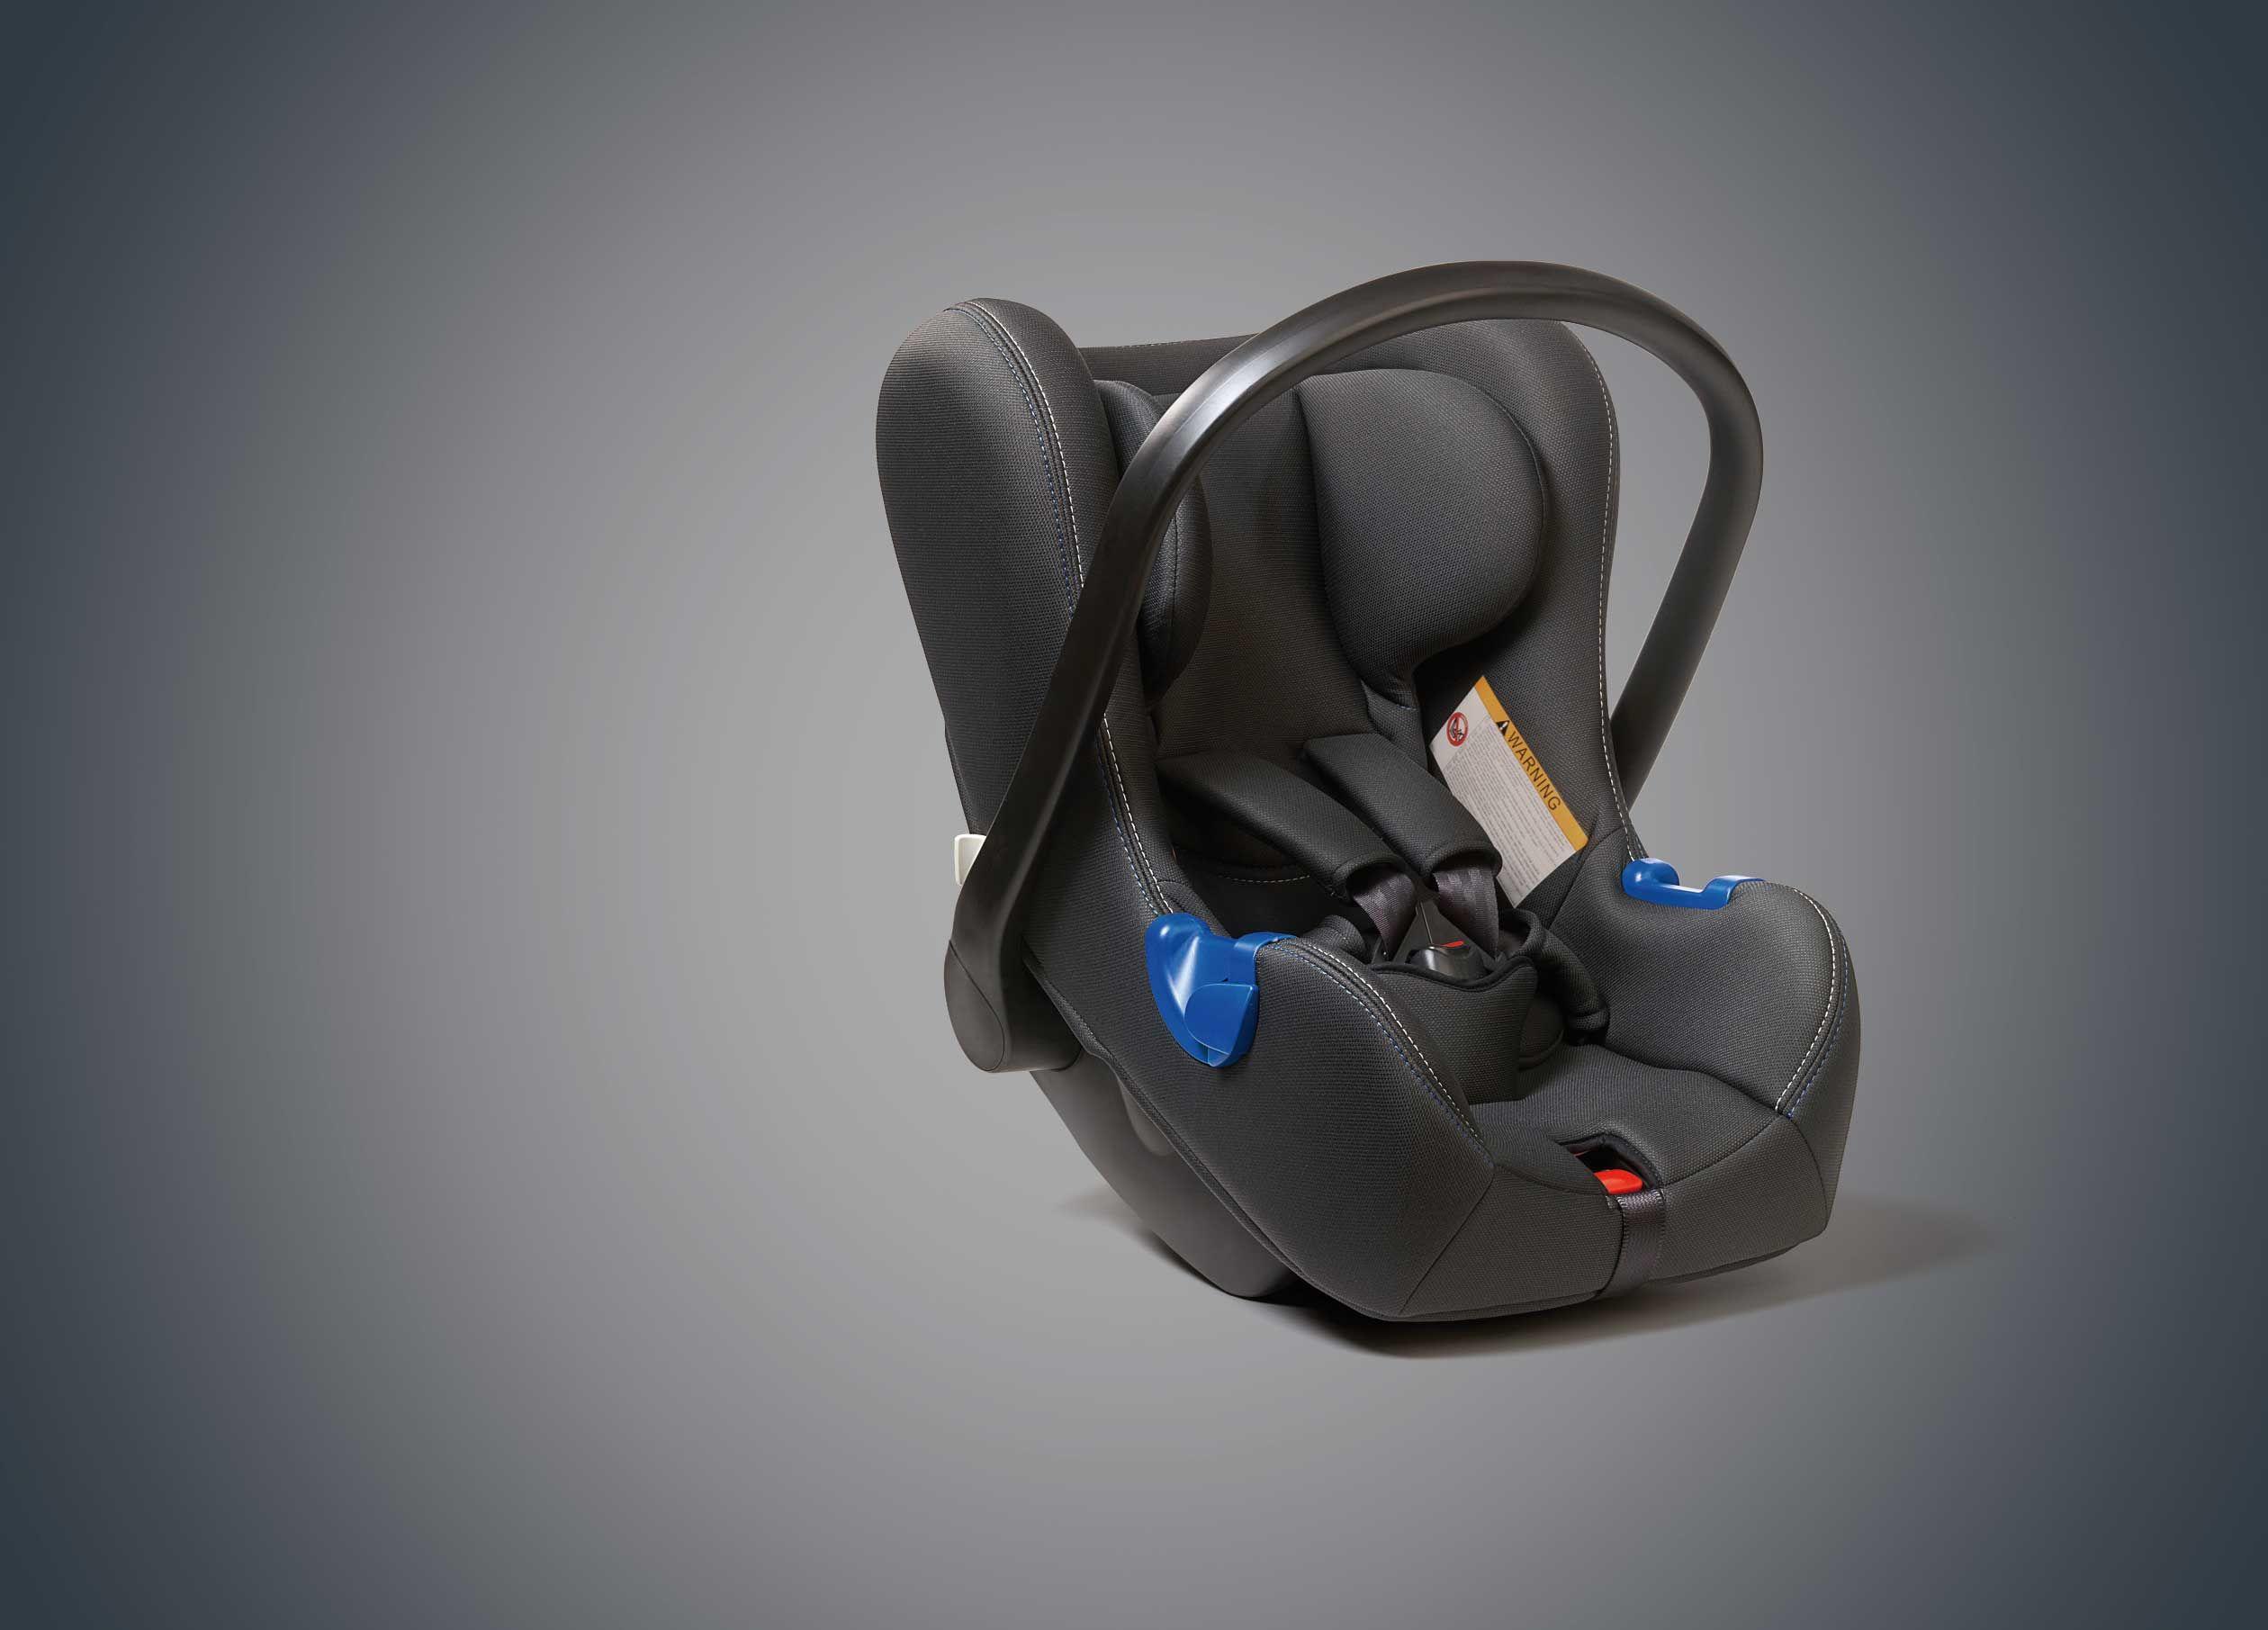 เบาะนั่งนิรภัยสำหรับเด็ก (Seat Belt)